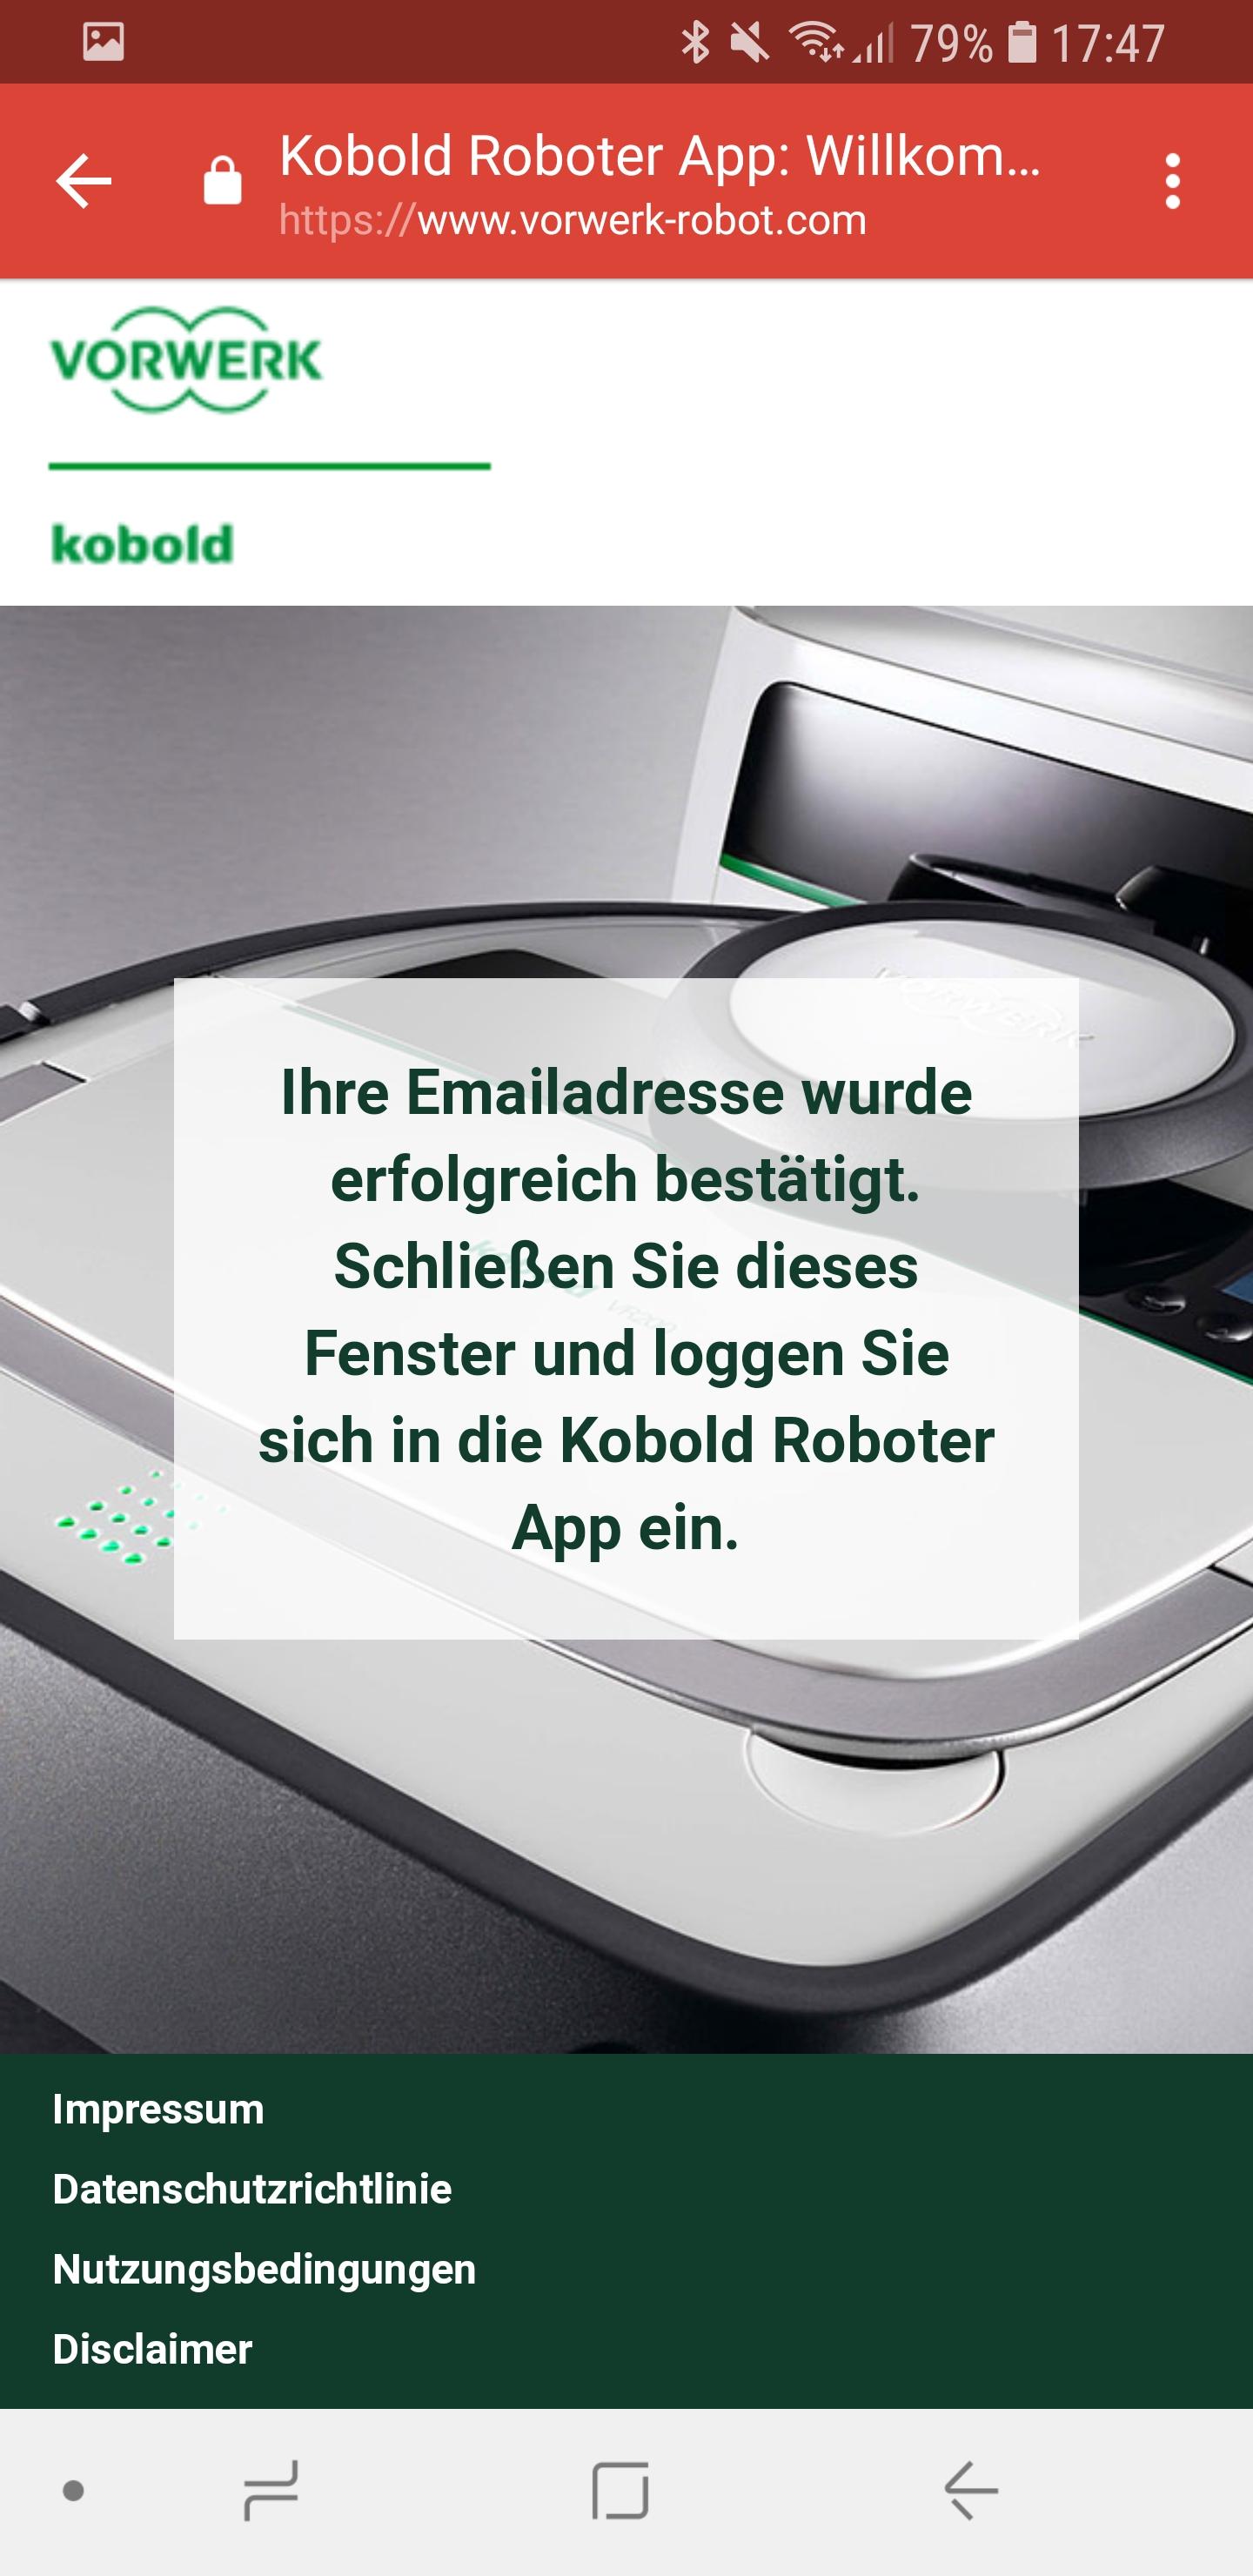 Vorwerk Kobold App installieren und Account einrichten 11